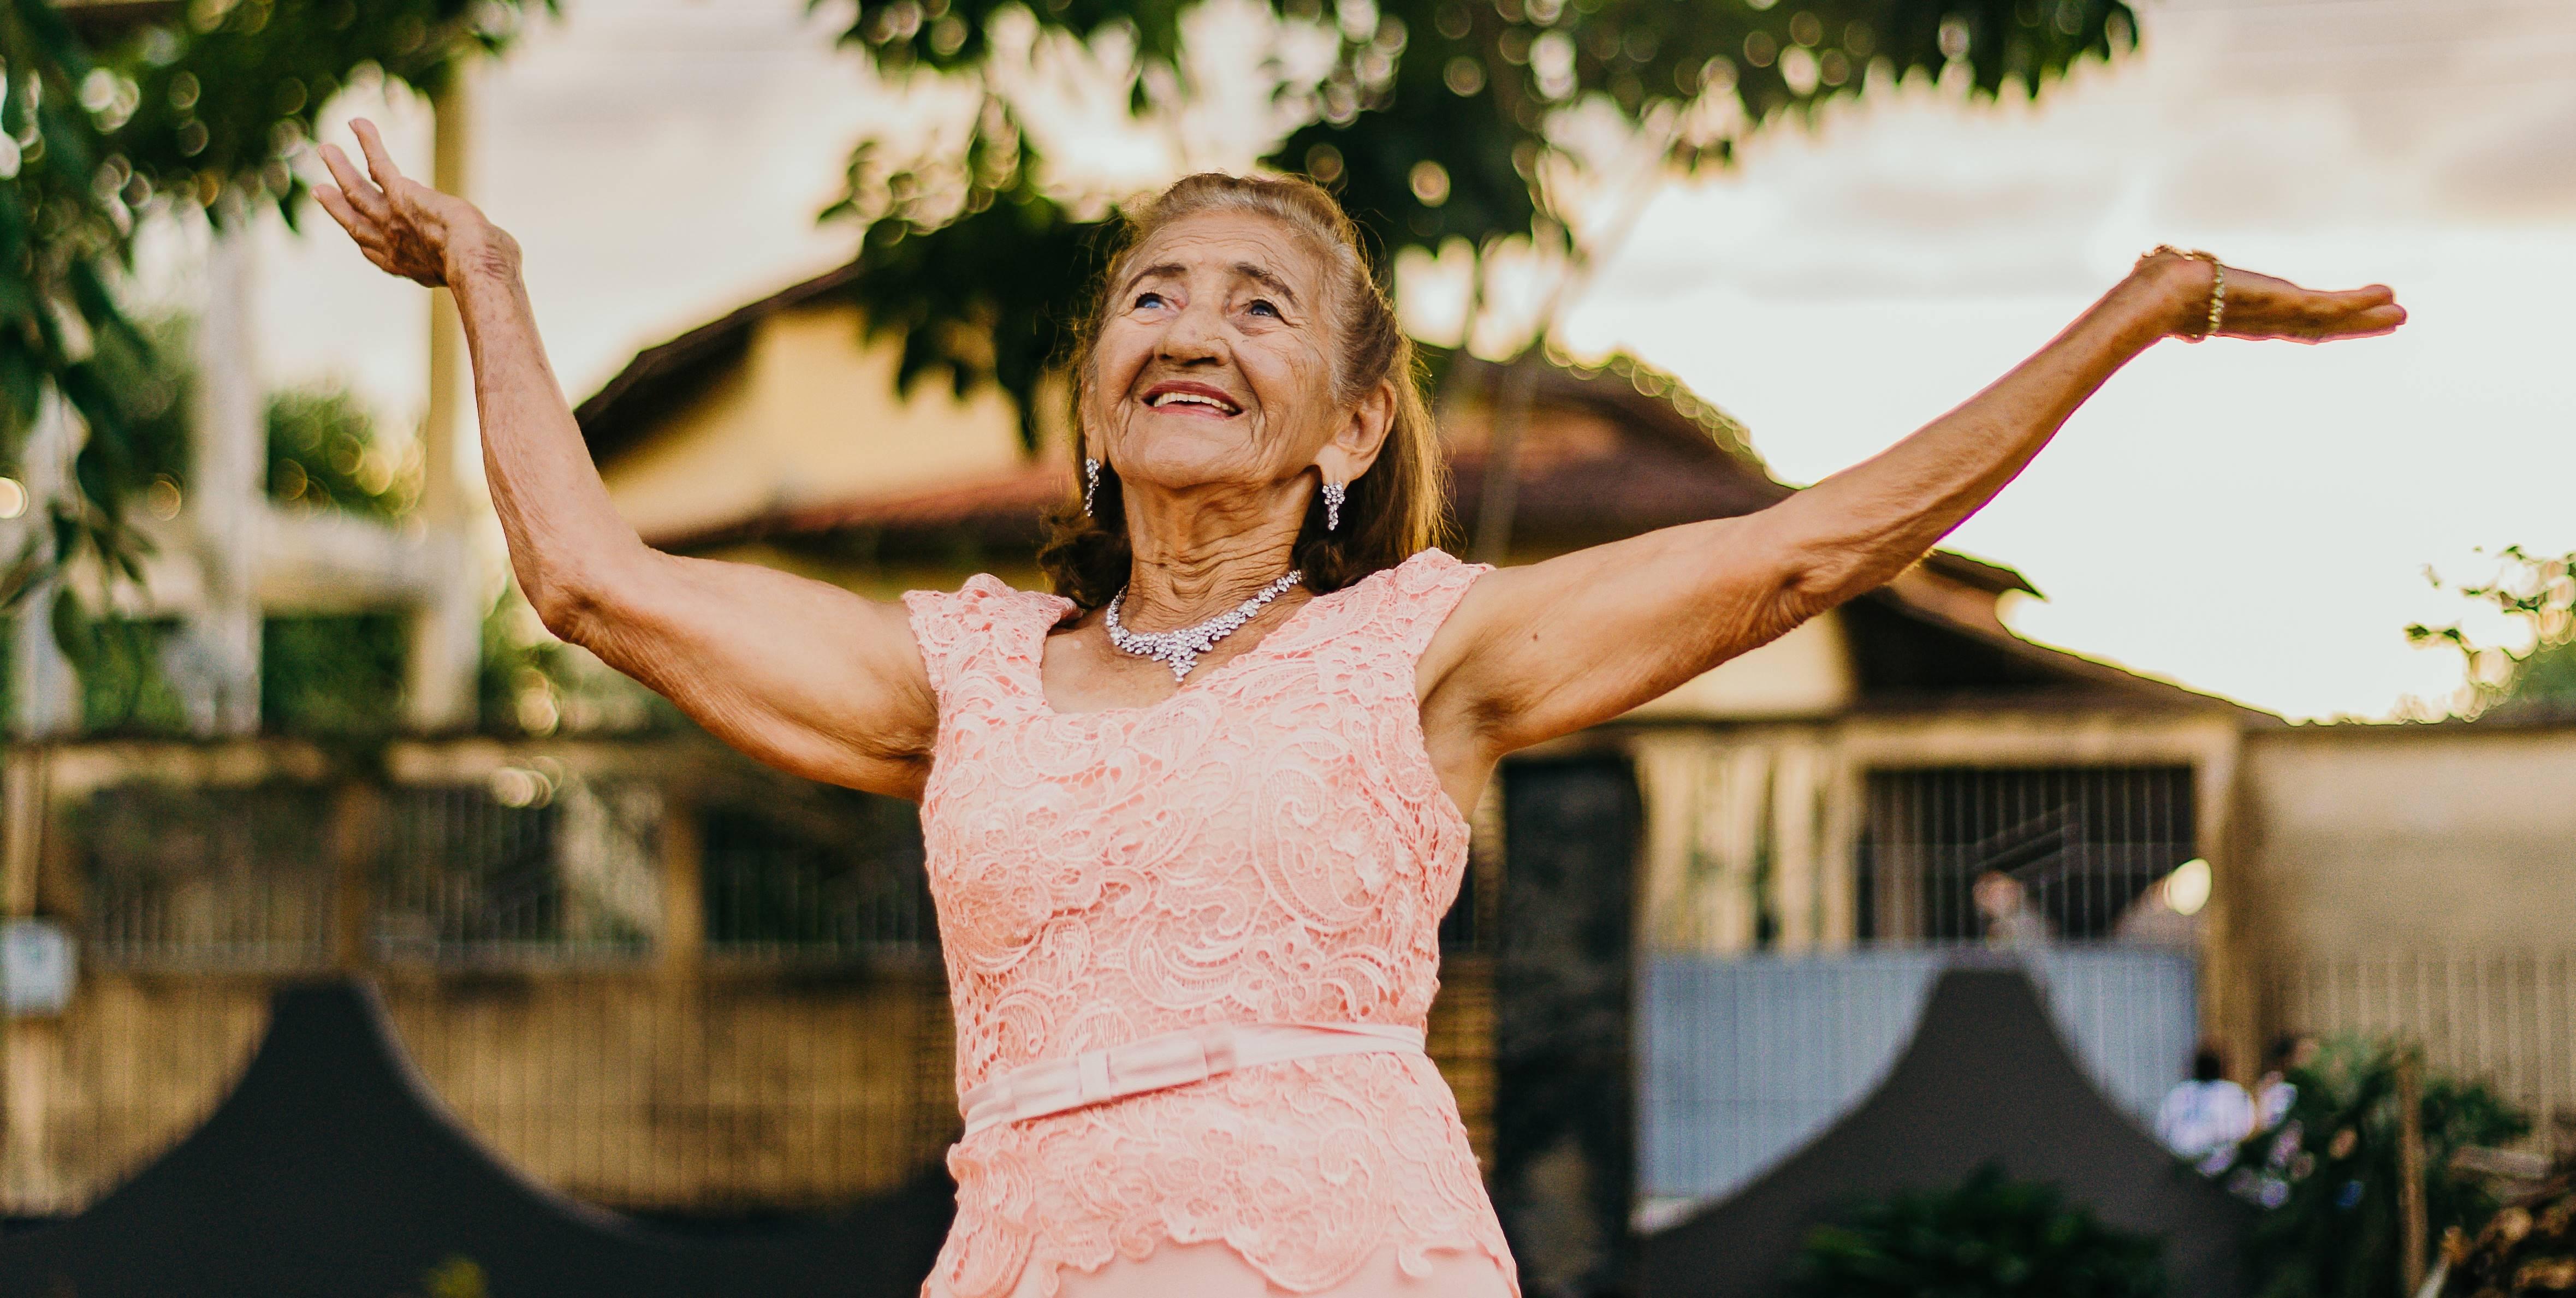 Hoe train je als je ouder wordt? De 74-jarige Joan weet het antwoord!